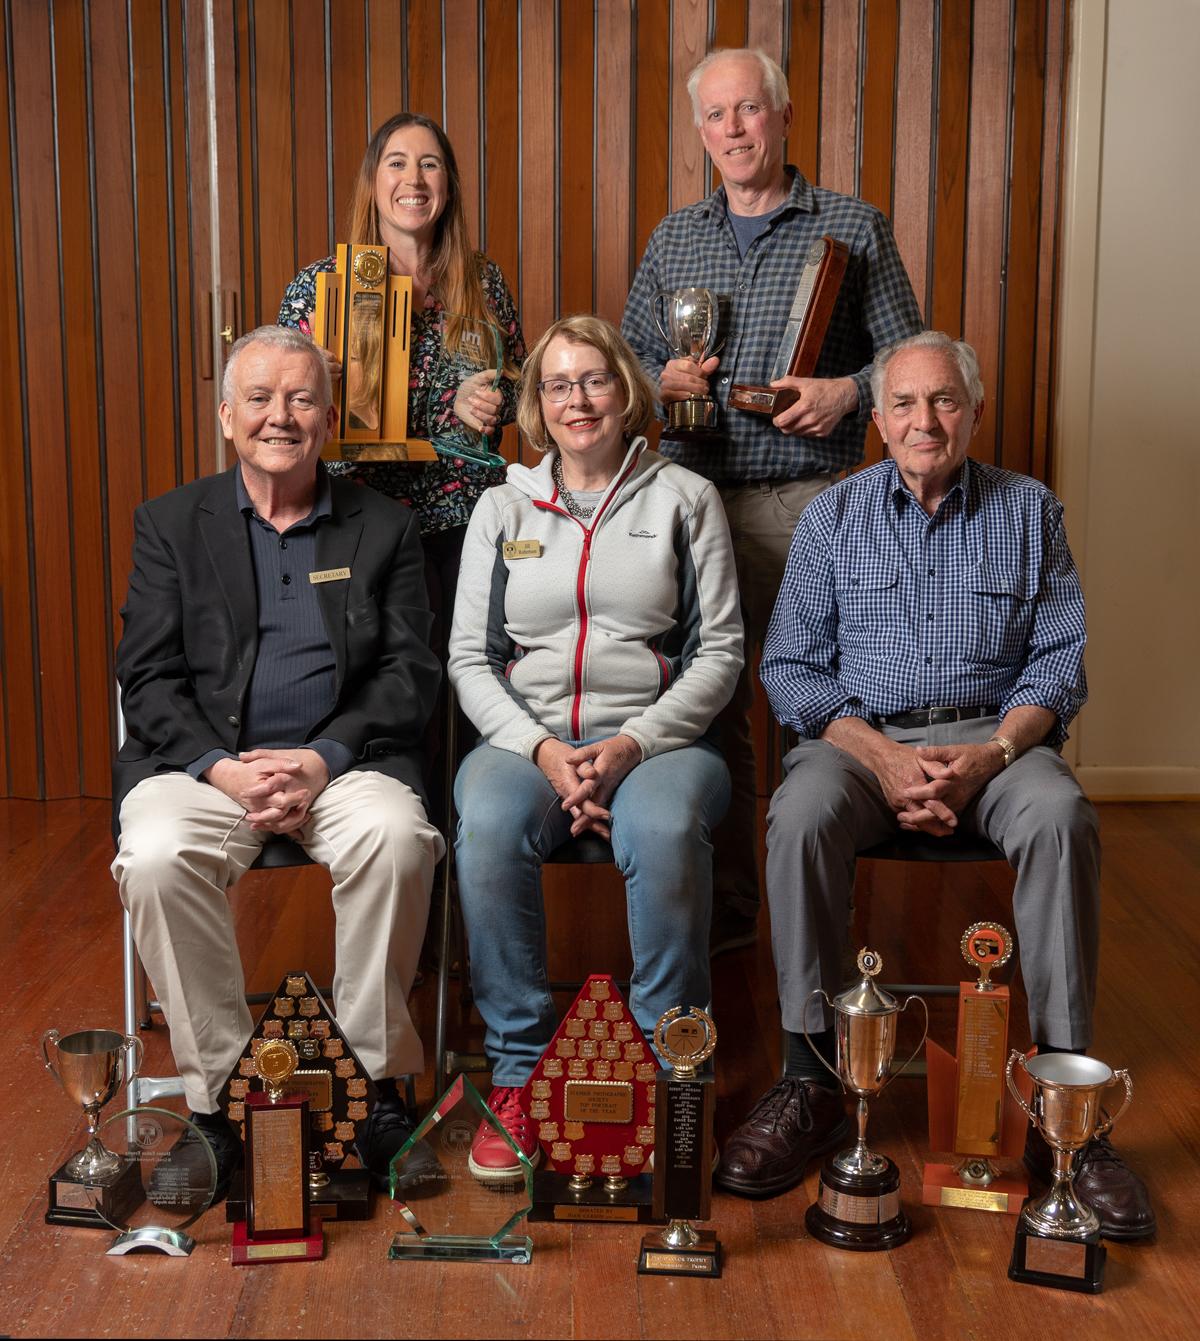 2018 Trophy Winners